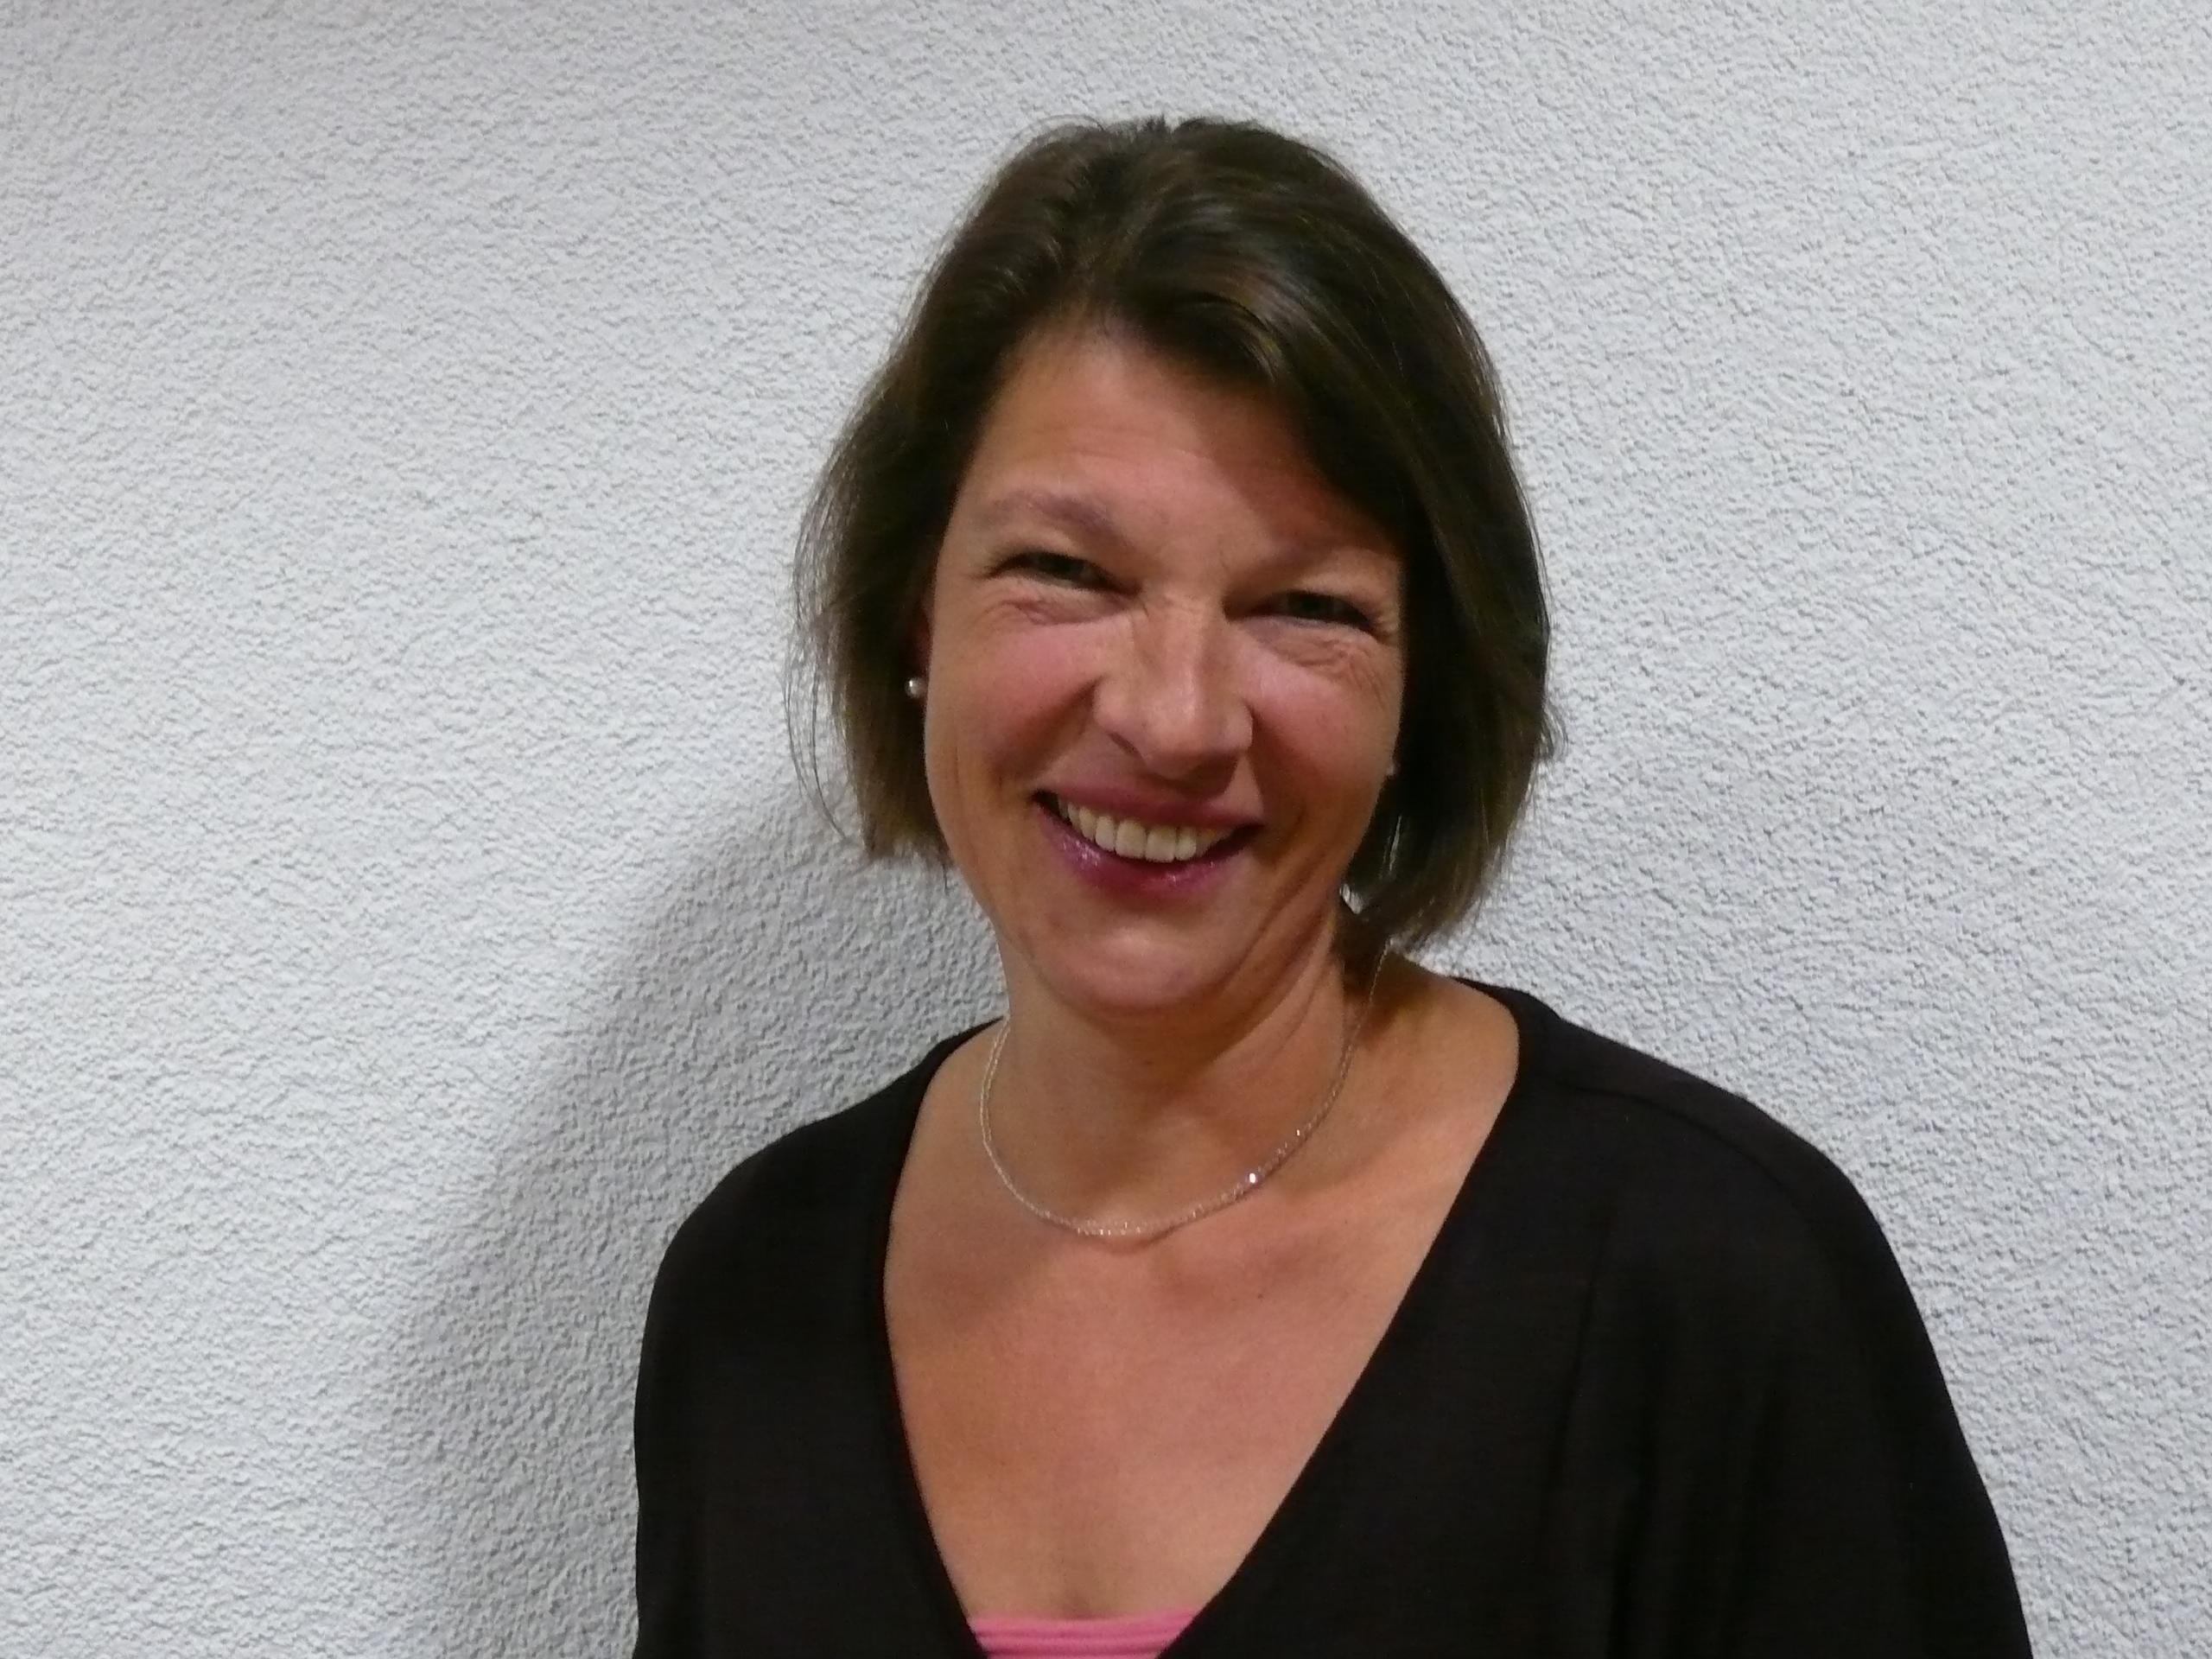 Maria Wieja